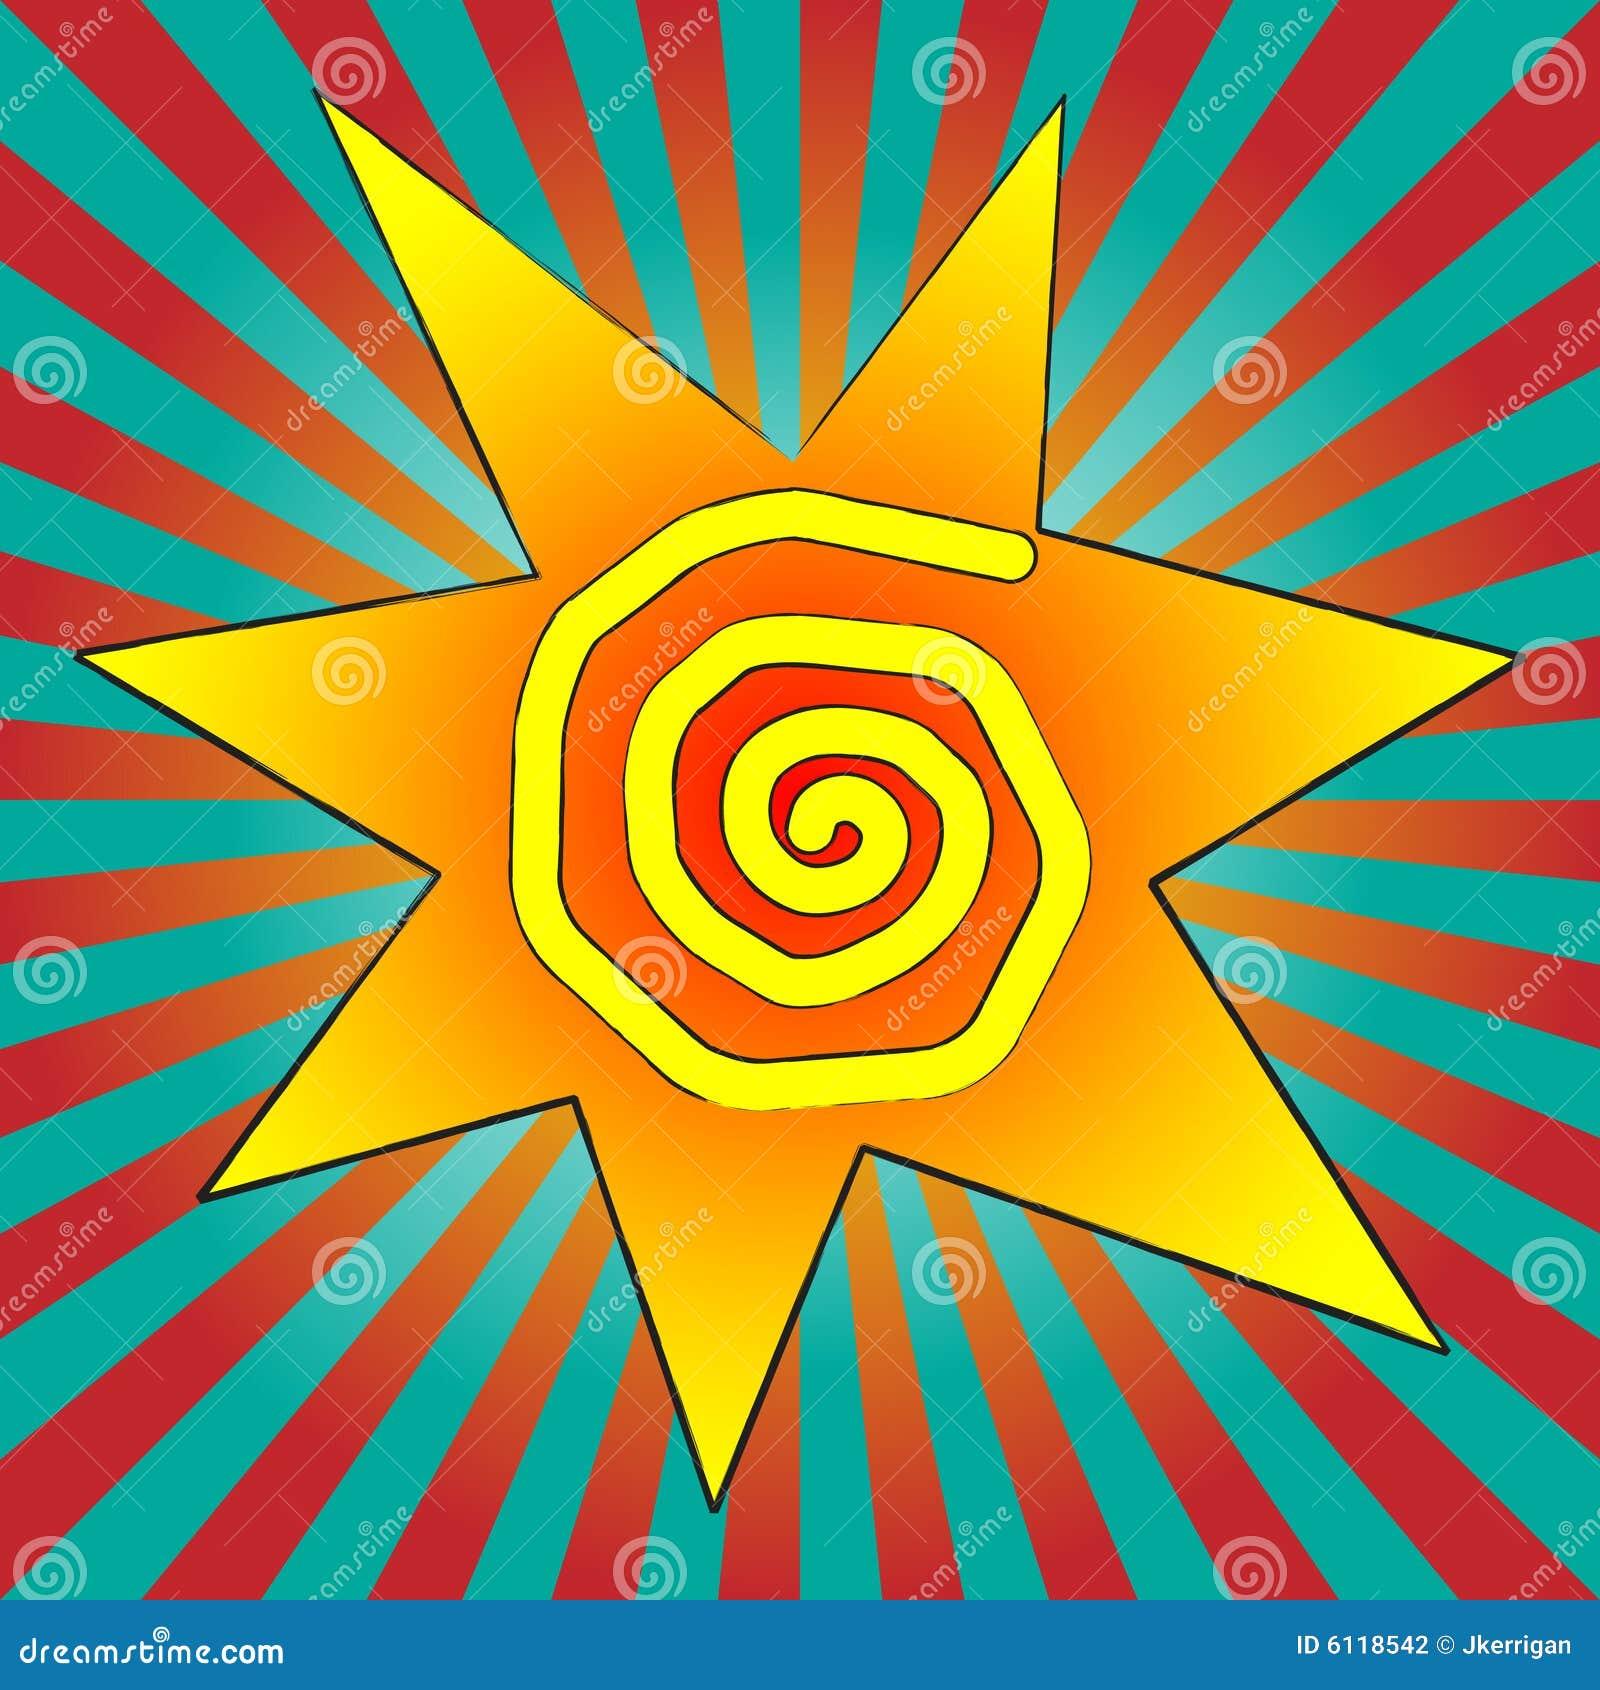 southwestern design stock photography image 6118542